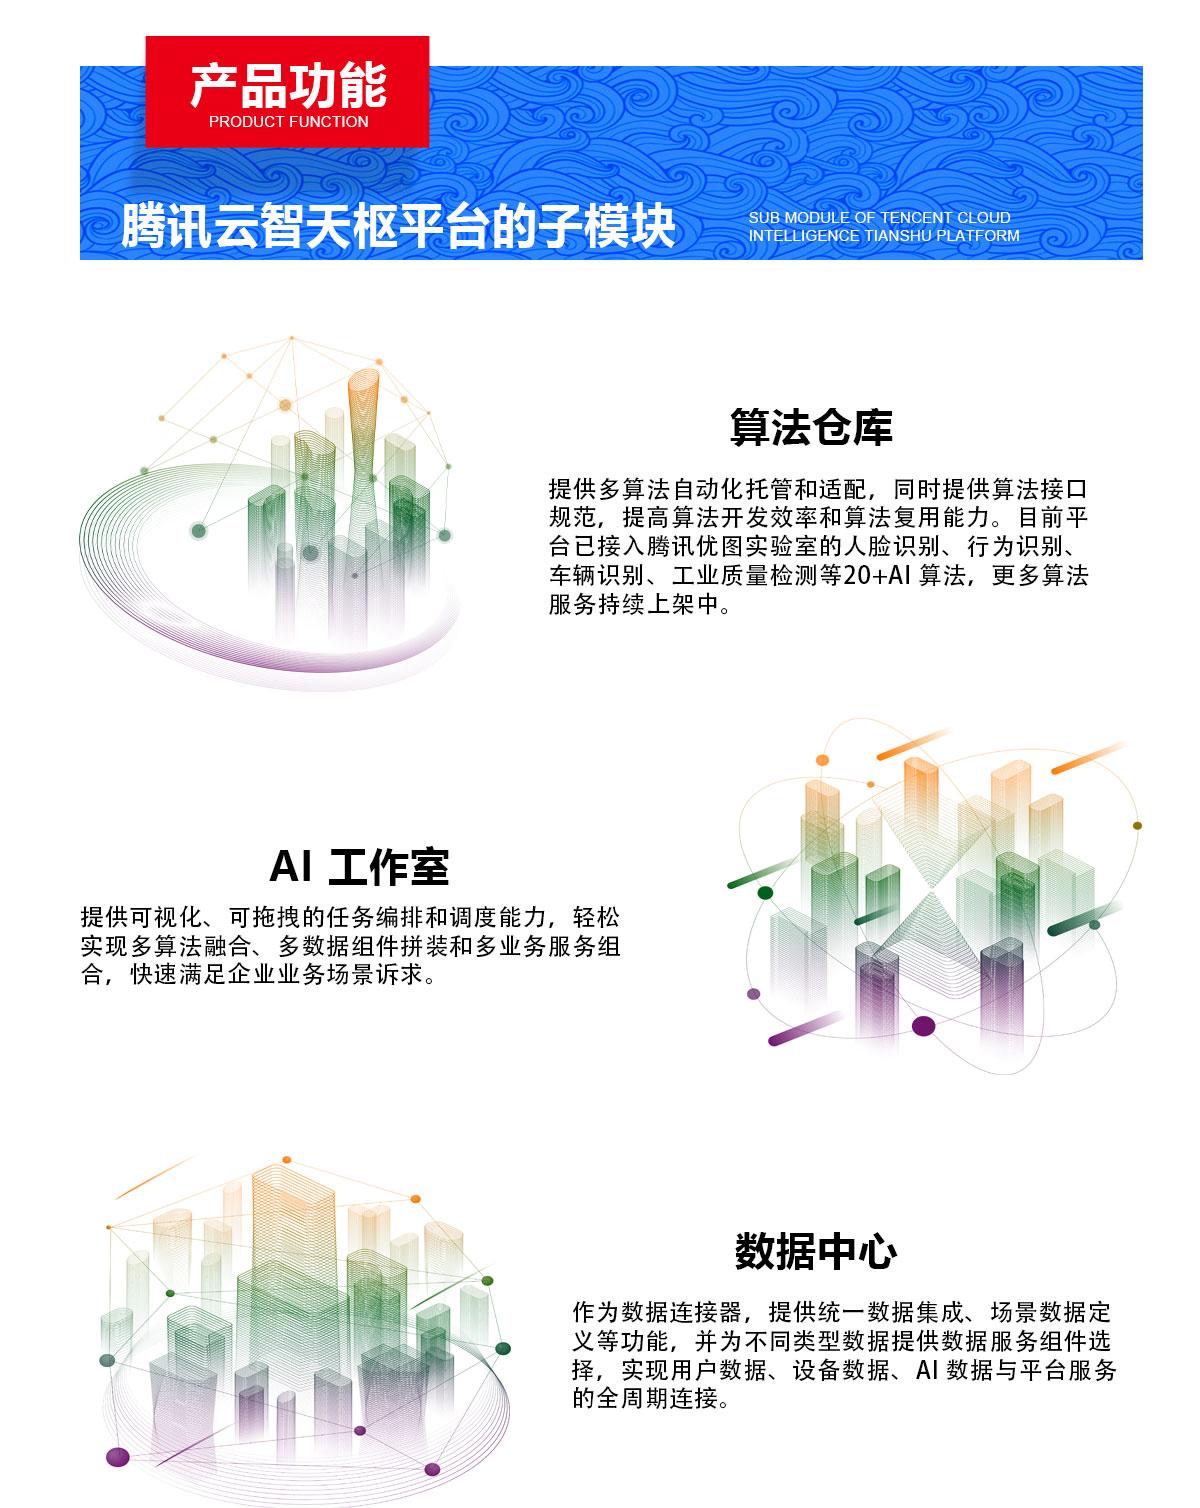 人工智能服务平台-TI-Matrix_03.jpg